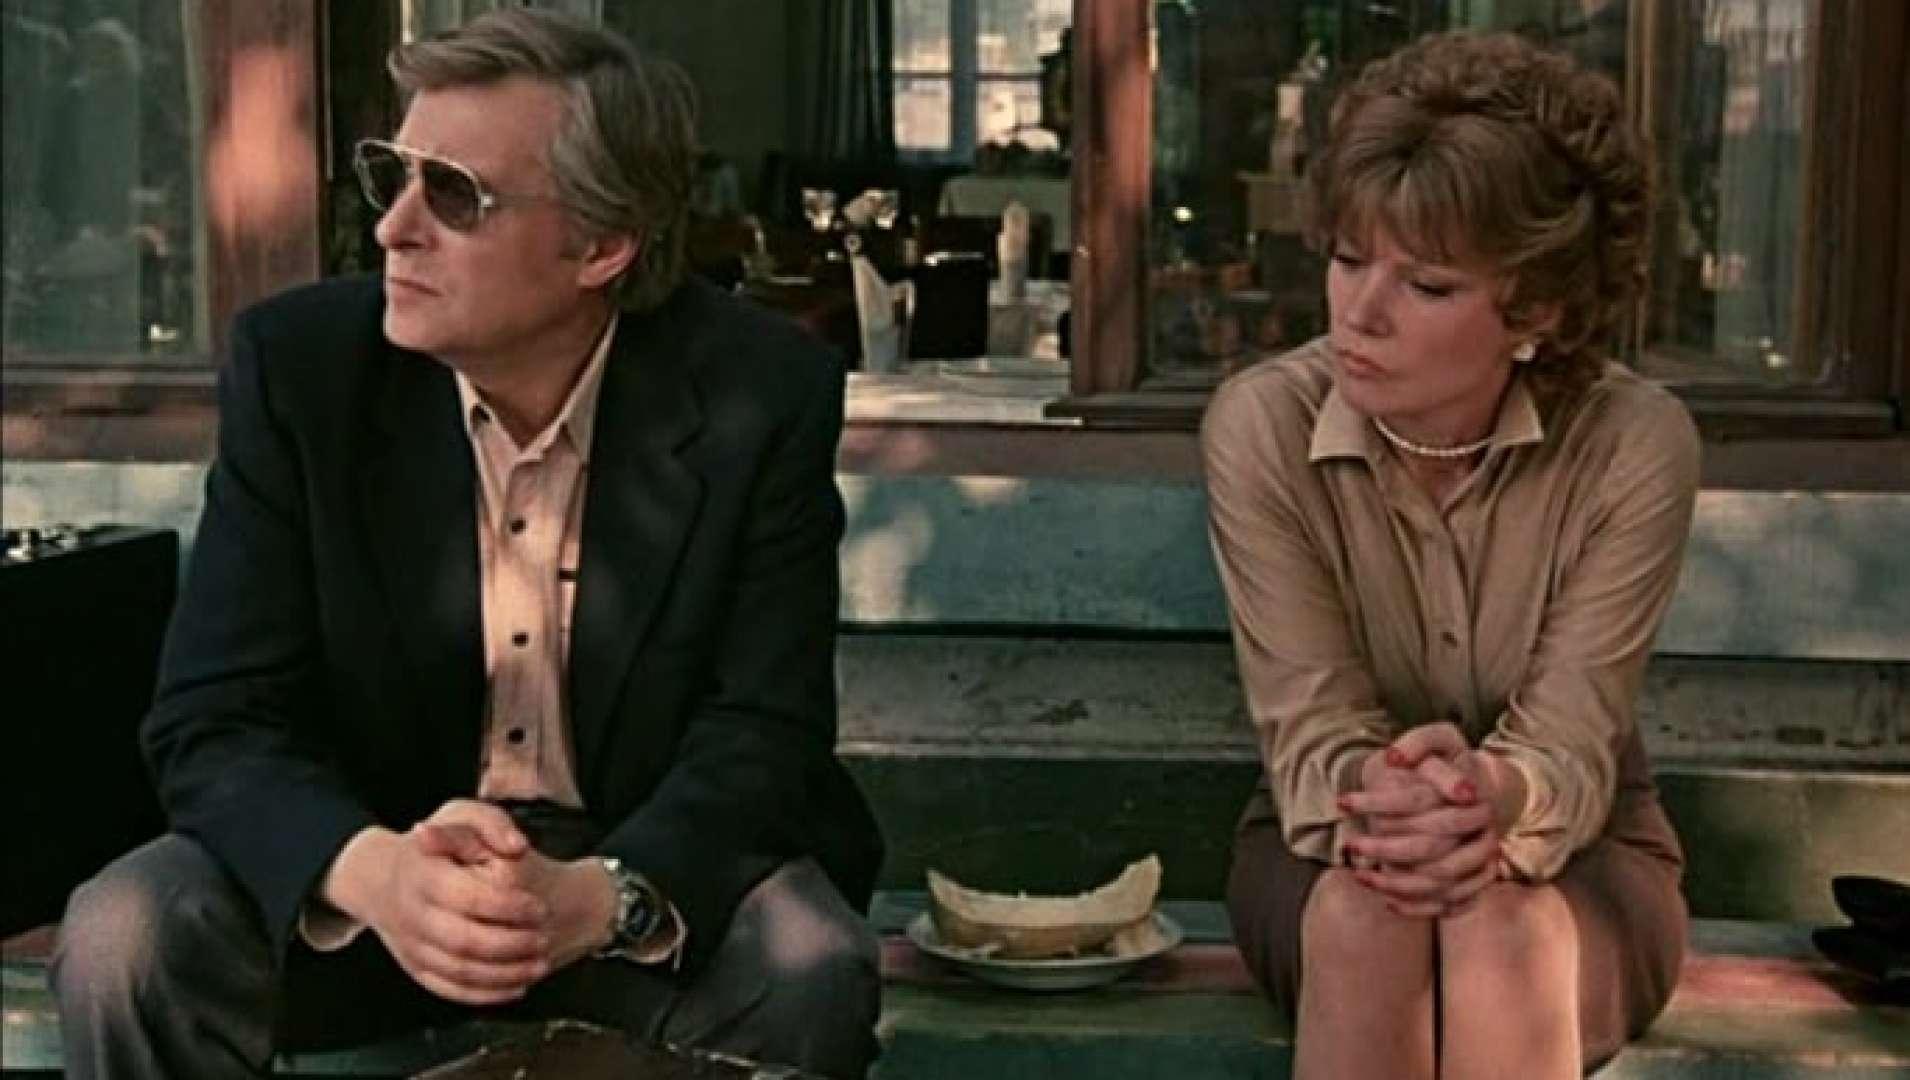 История Максаковой и Таривердиева легла в основу фильма «Вокзал для двоих» | 1tv.com